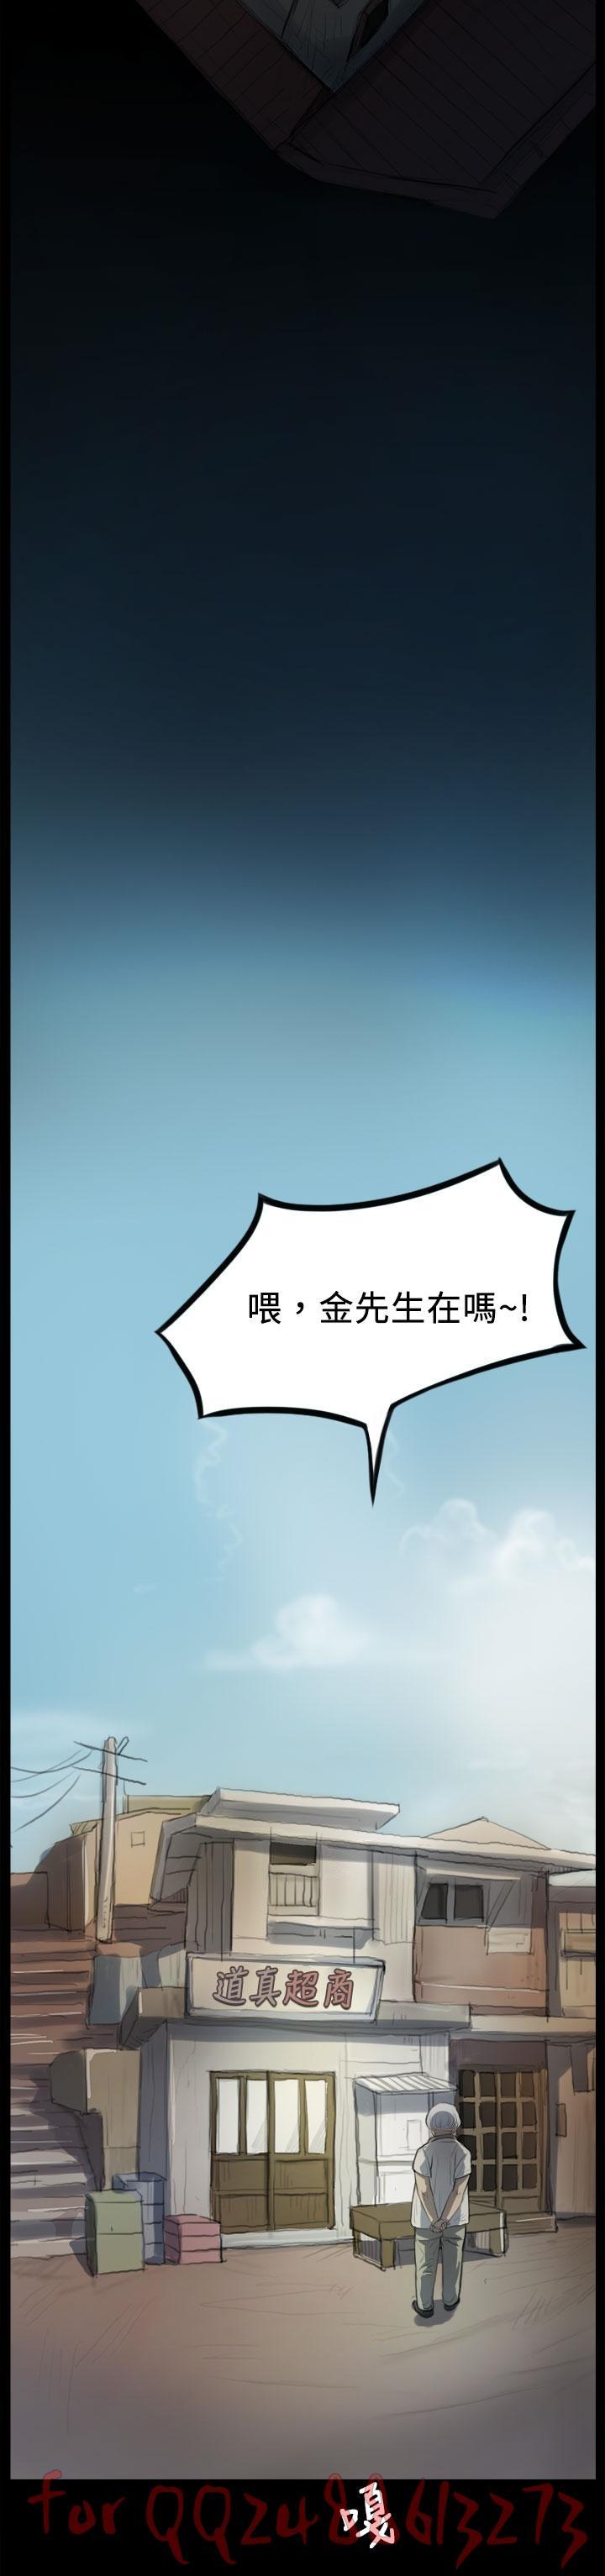 姊姊: 莲 第1~10話 [Chinese]中文 115